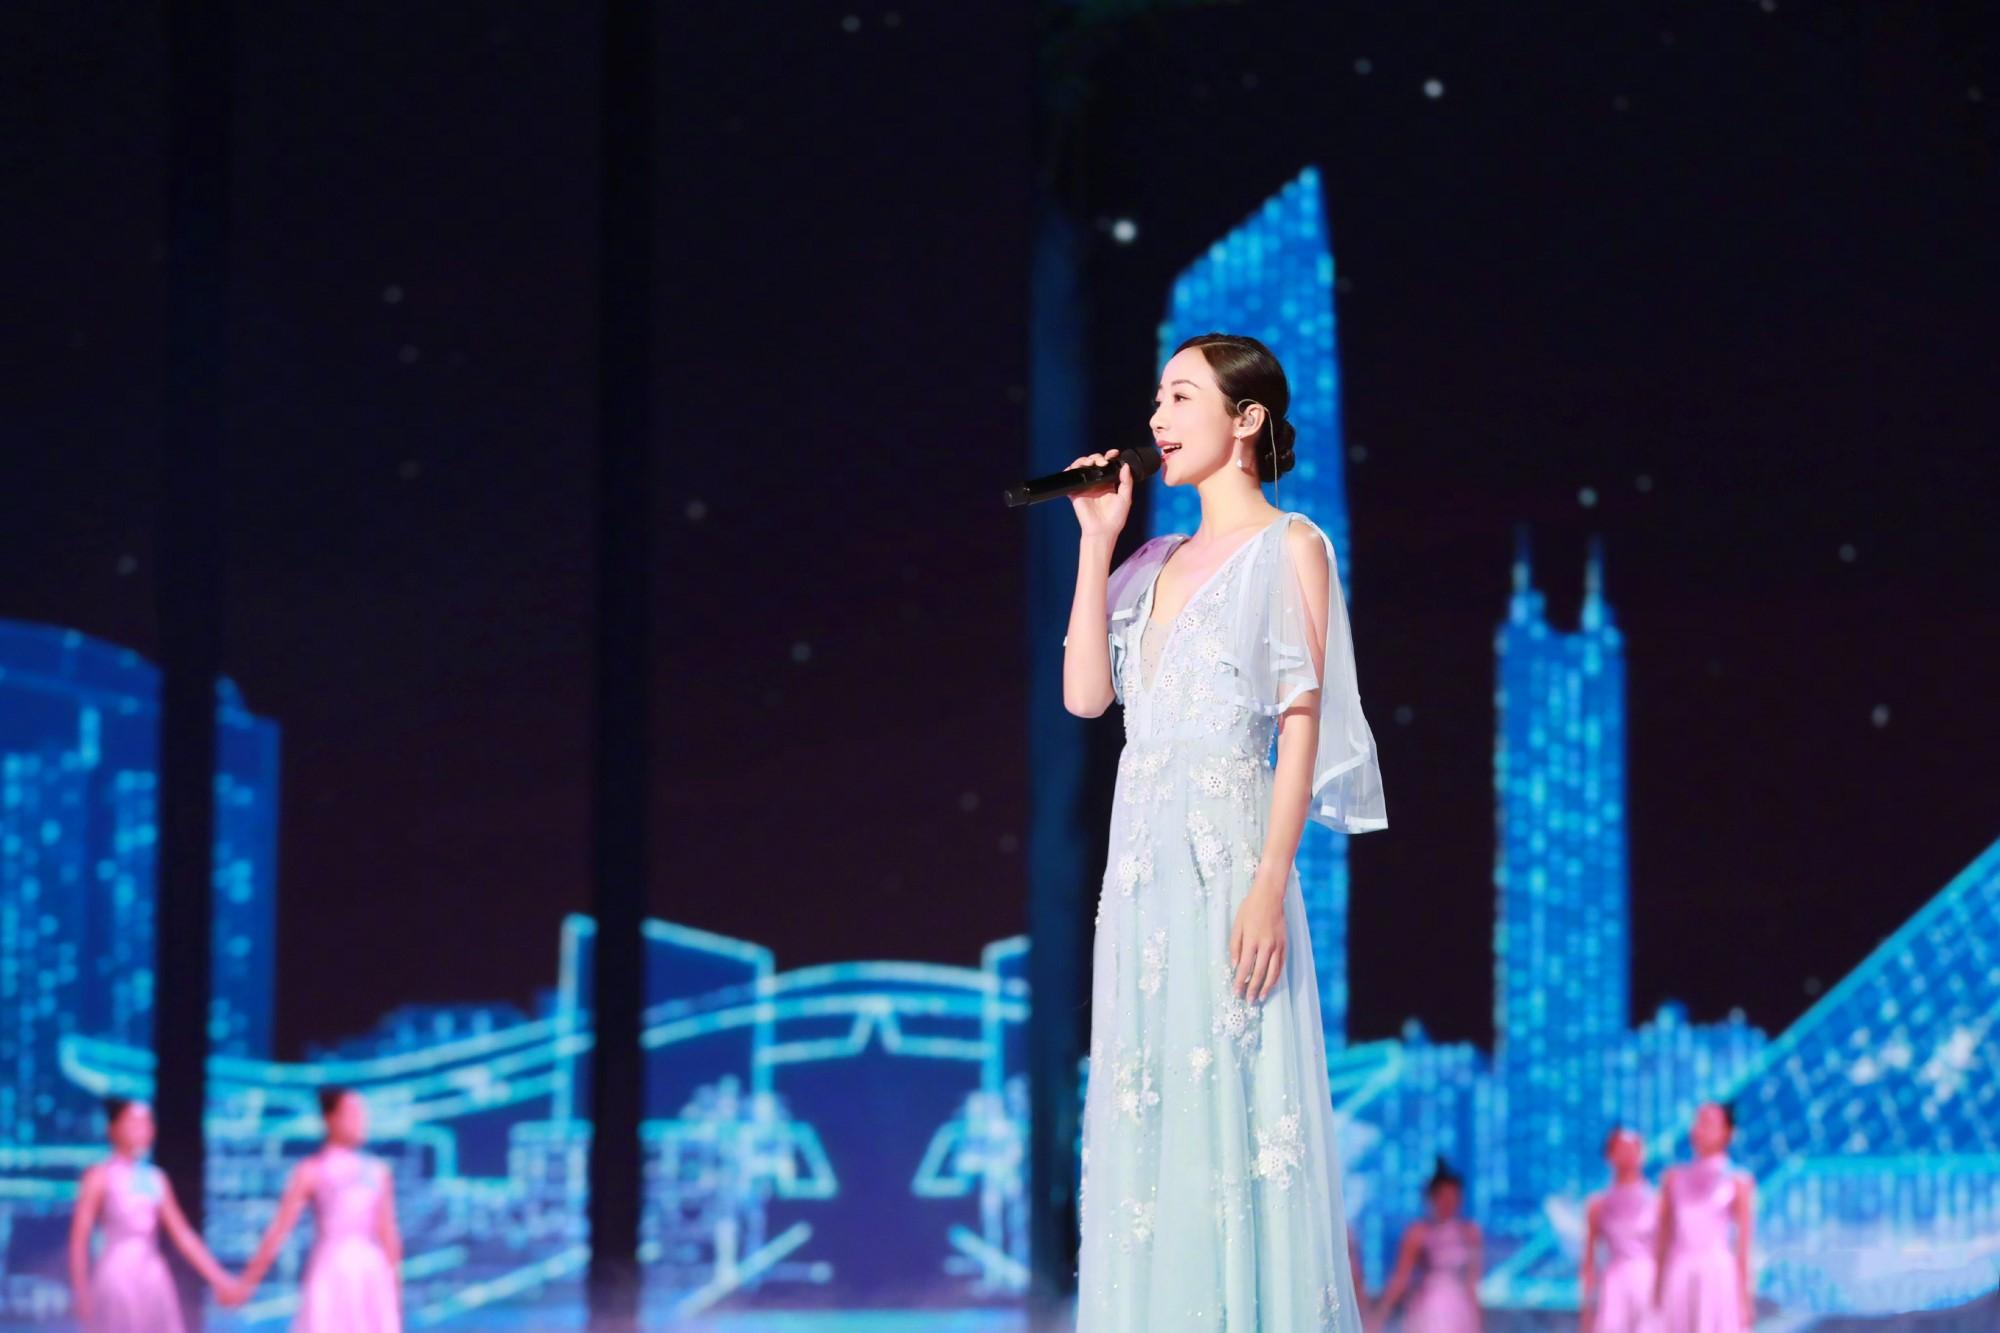 韩雪登央视湖南卫视中秋晚会献唱